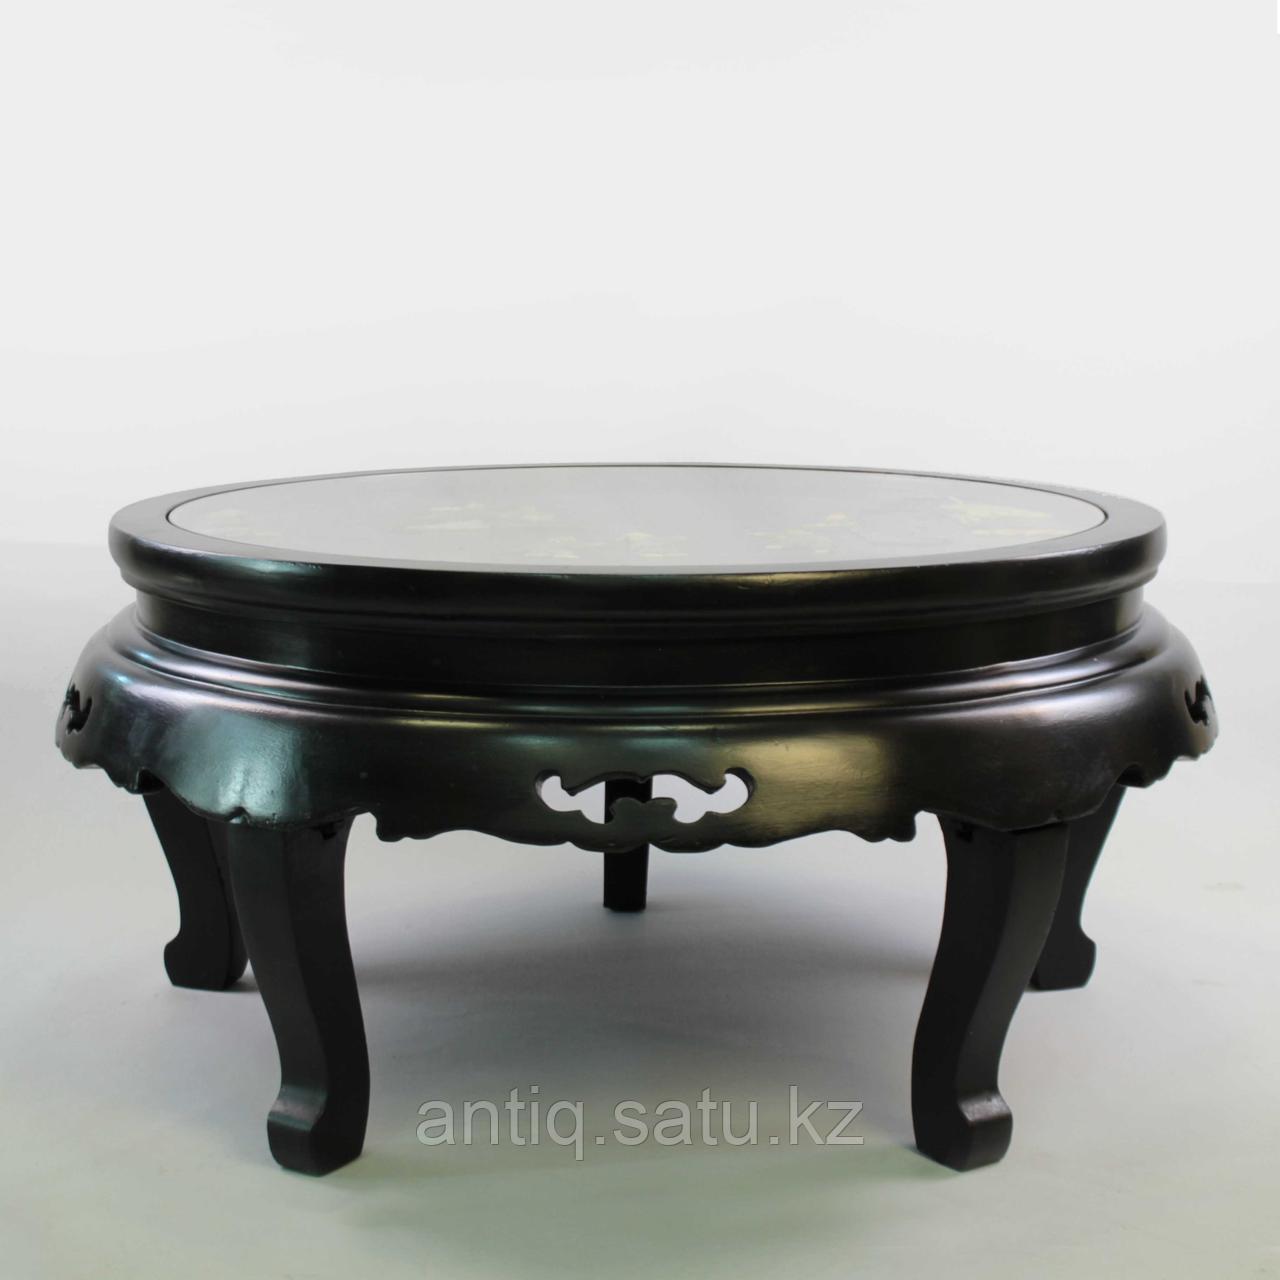 Журнальный столик с натуральными камнями под стеклом. Ручная работа - фото 7